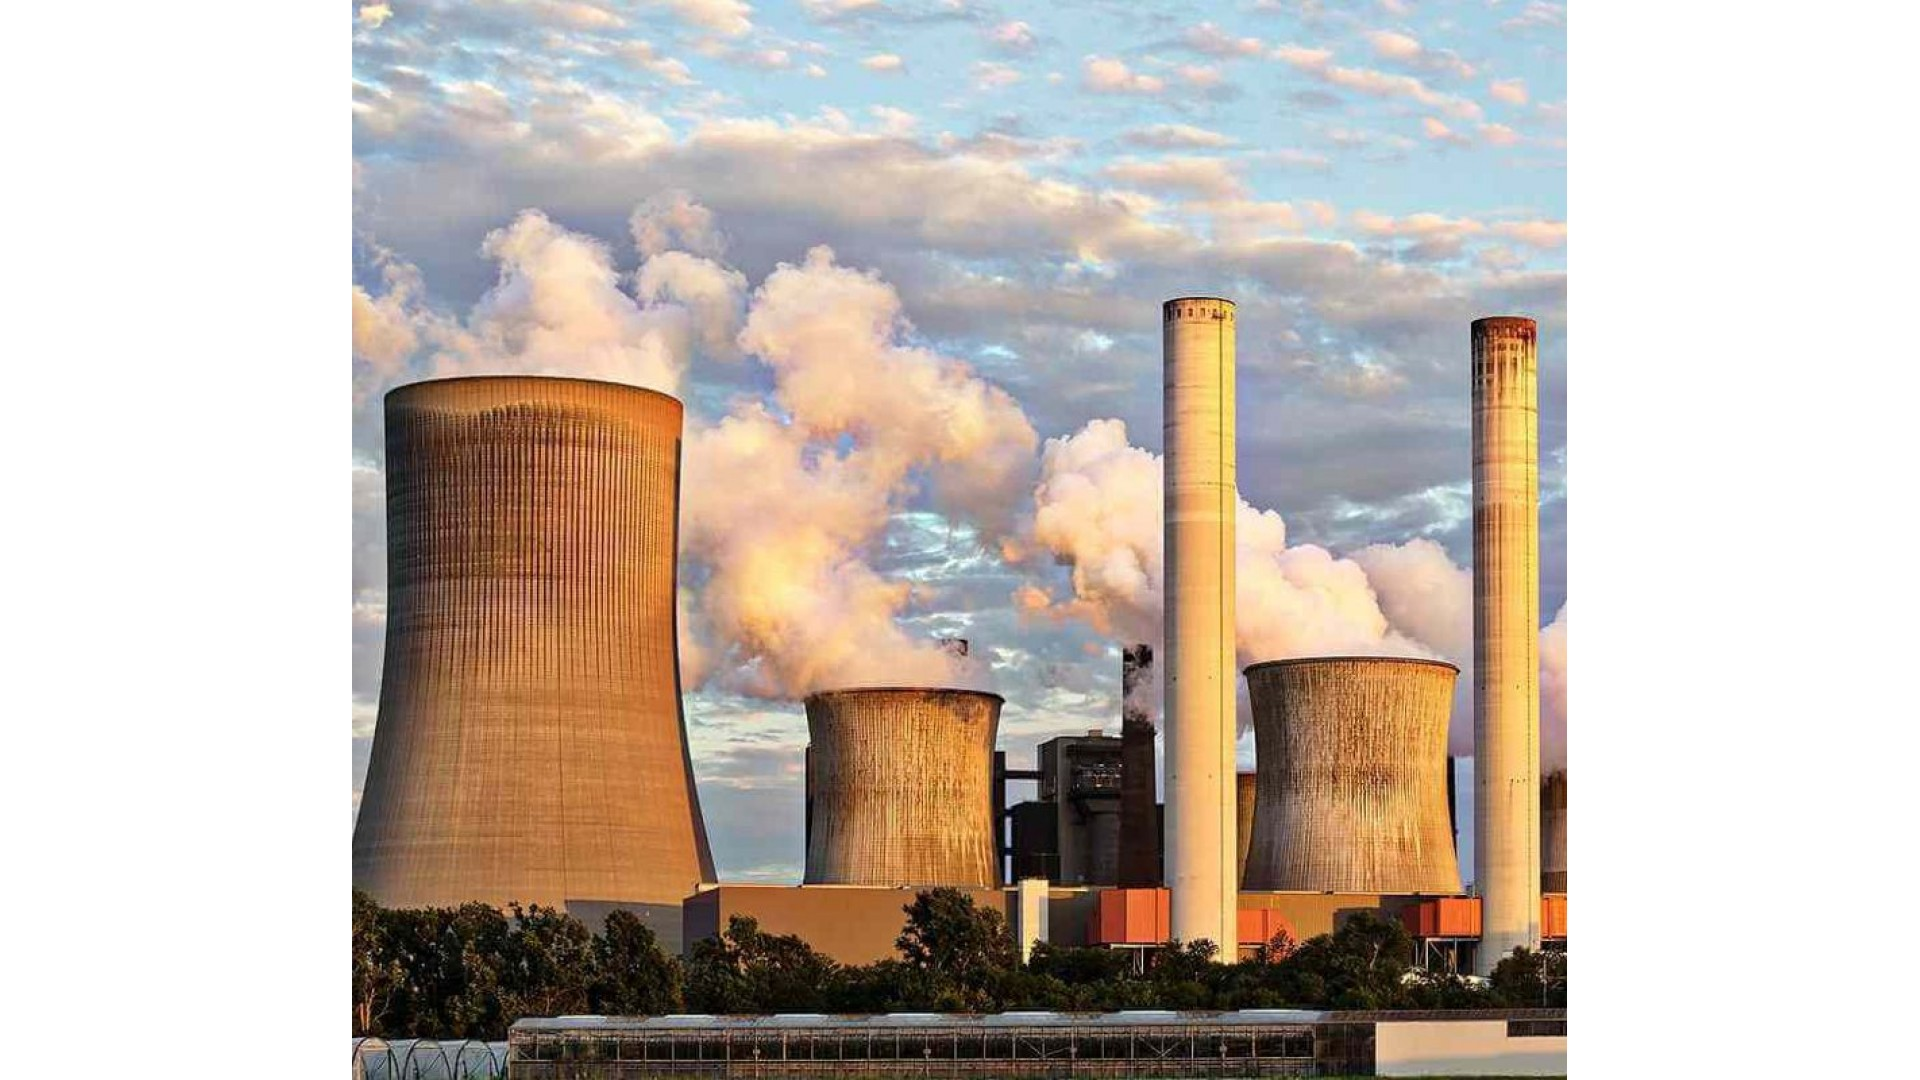 Purificator de aer mobil tip masca impotriva poluarii atmosferice si a particulelor PM 2.5